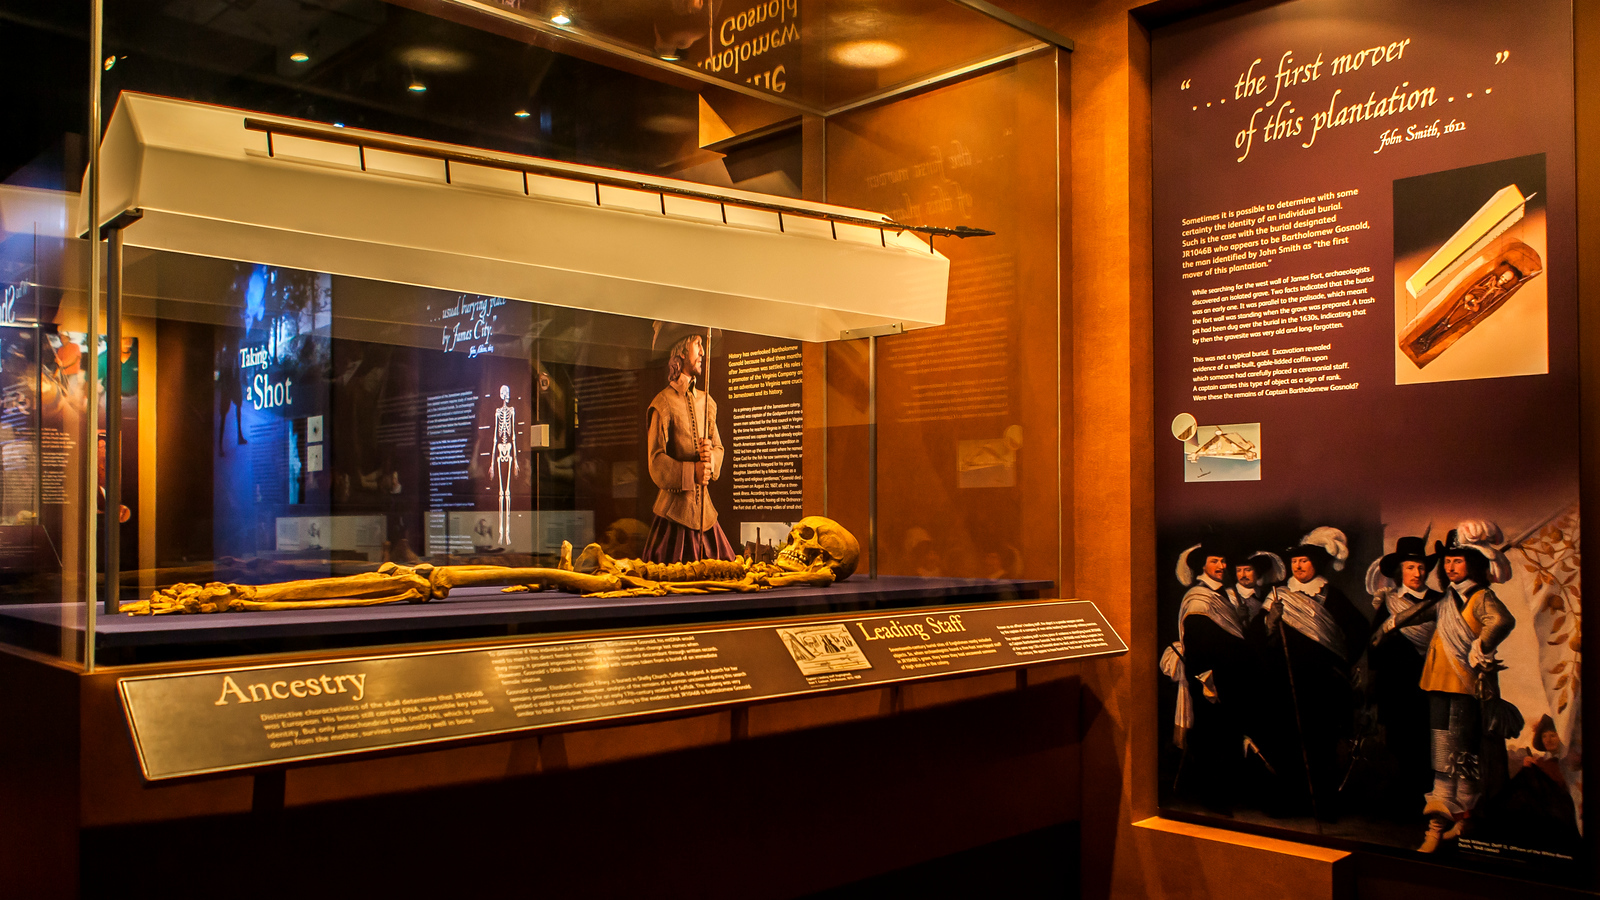 詹姆斯敦历史博物馆,图文并茂感触颇深